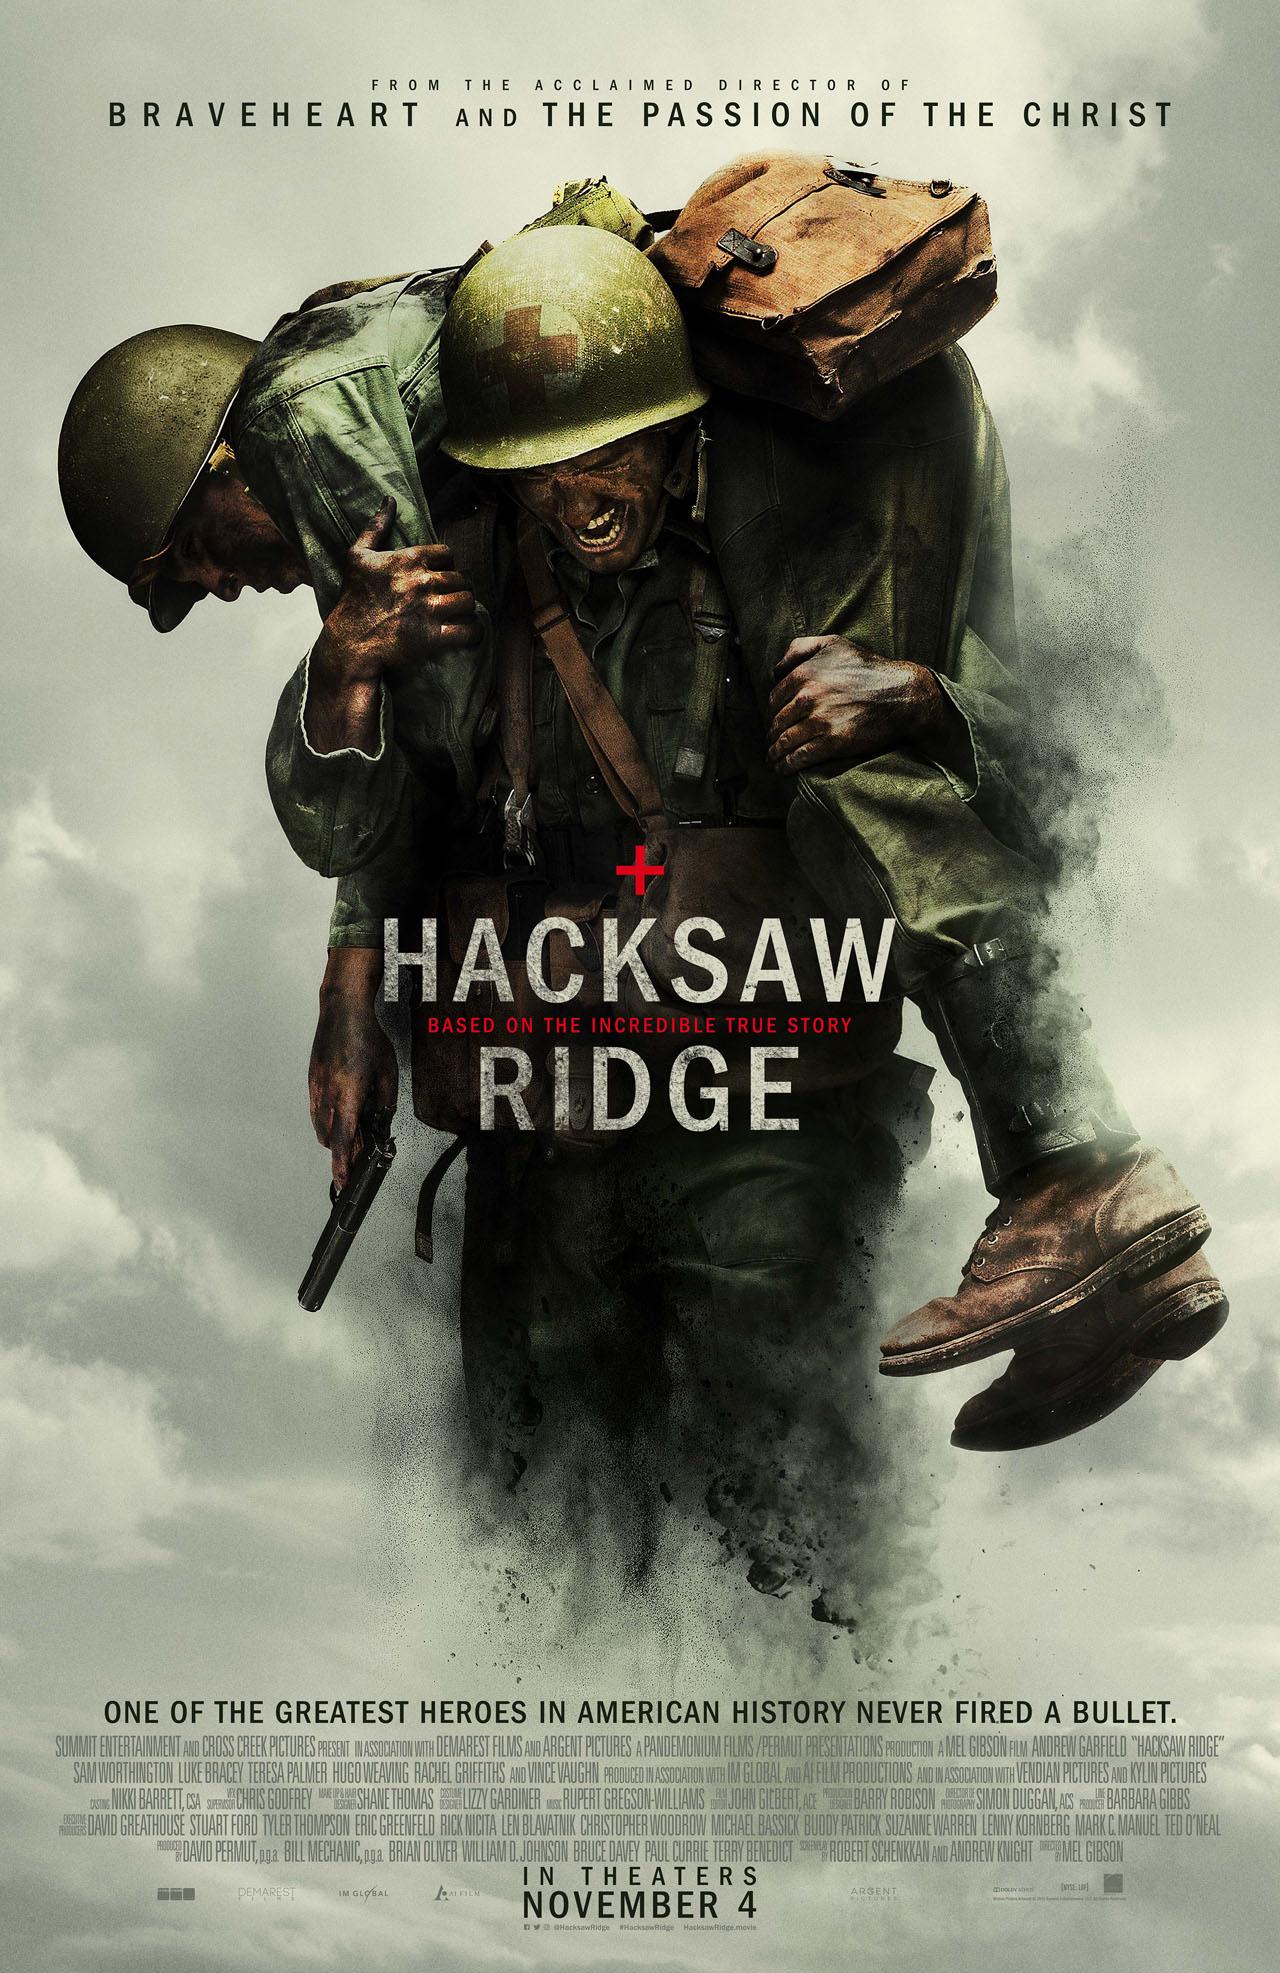 鋼鐵英雄+hacksaw ridge